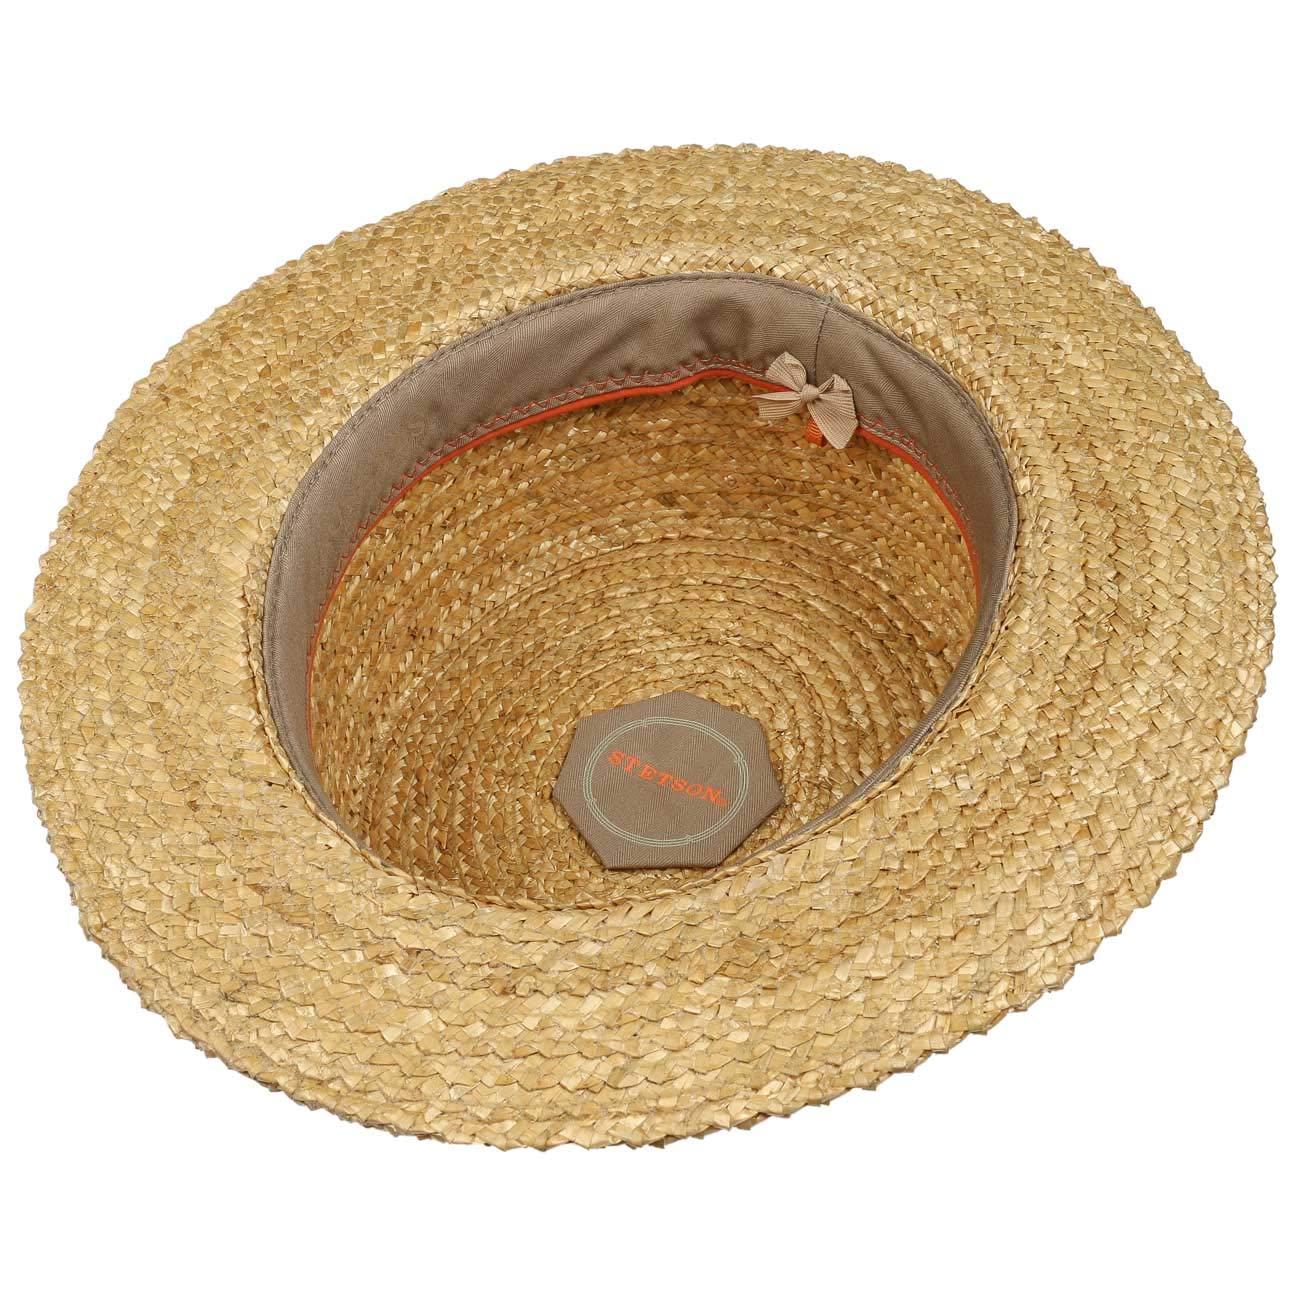 Stetson Vintage Wheat Boater Straw Hat Women//Men